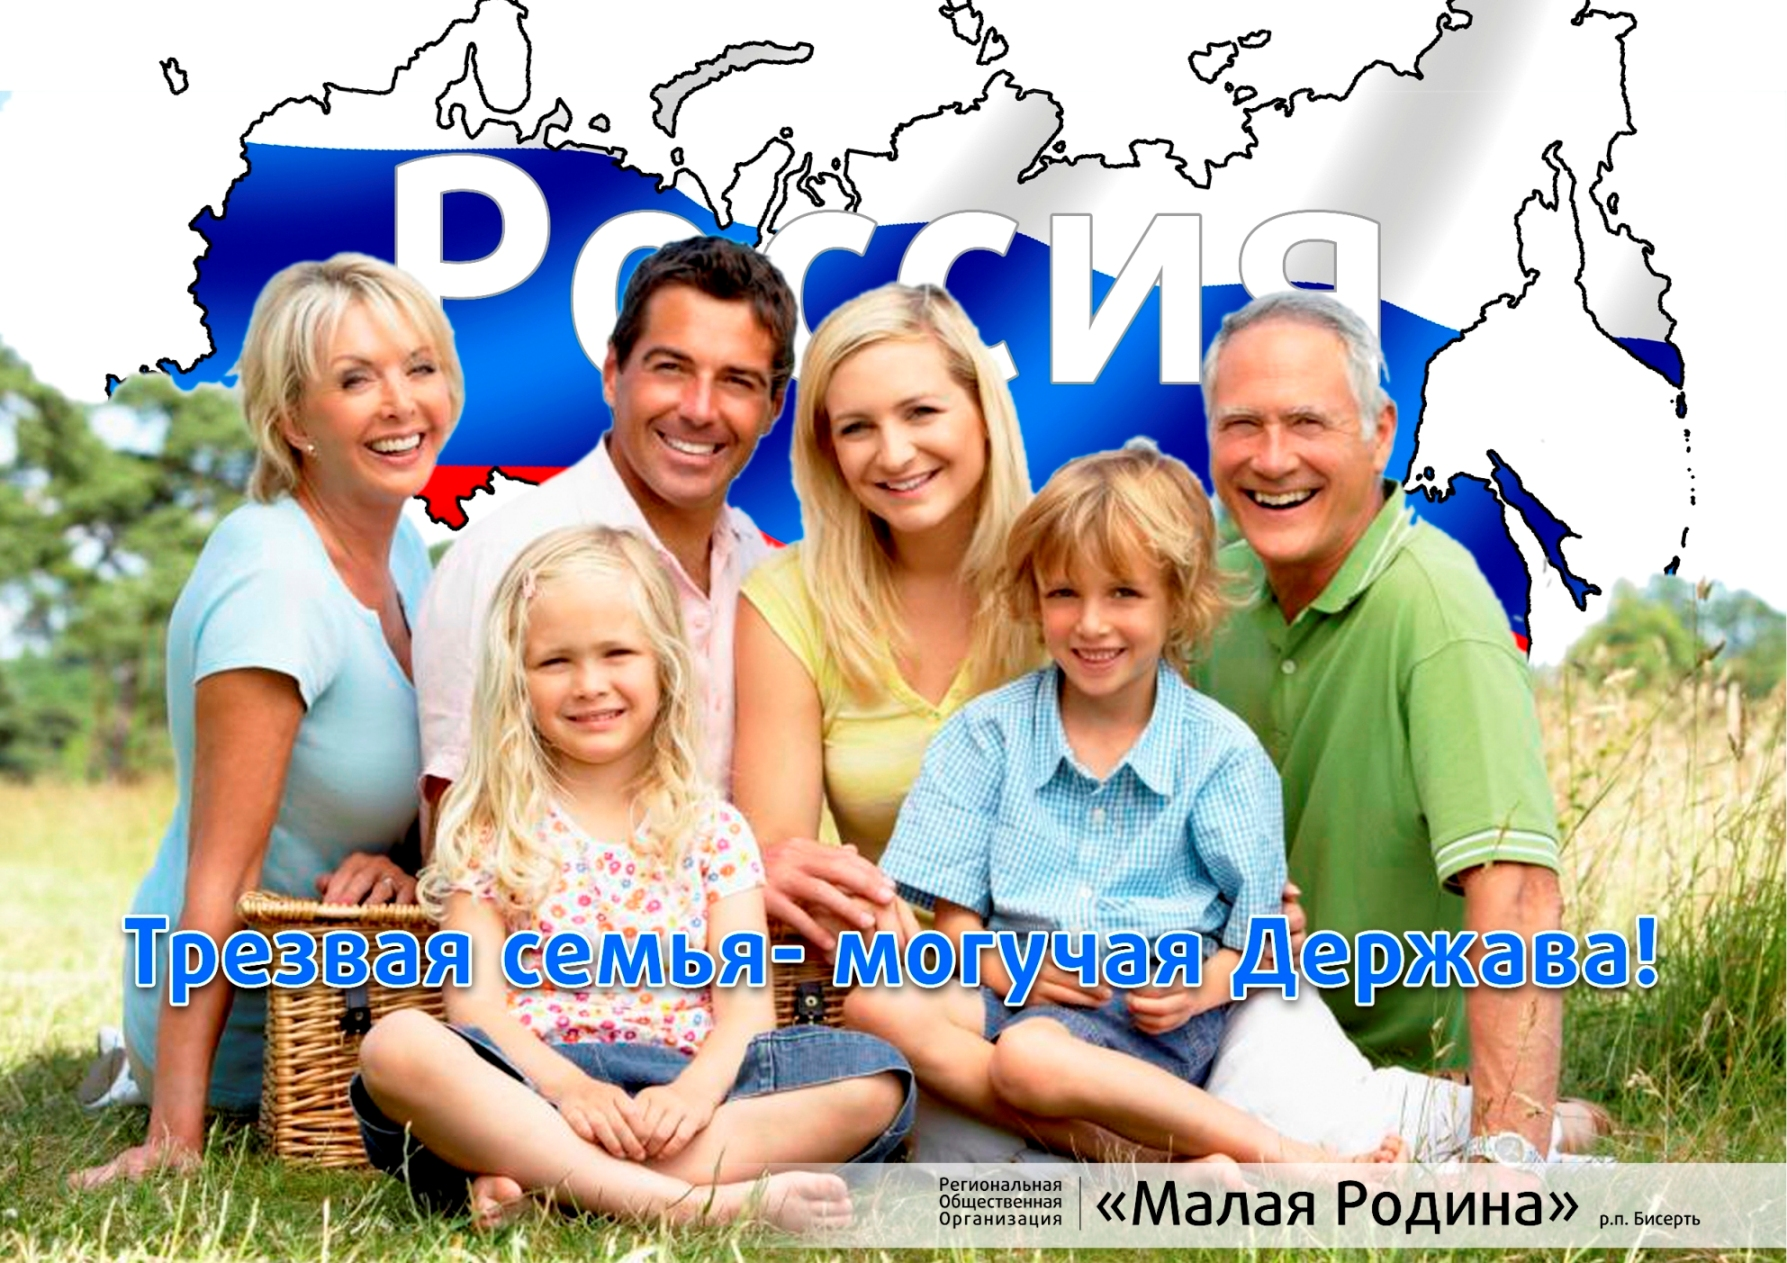 День трезвости в России. Трезвая семья - могучая Россия открытки фото рисунки картинки поздравления